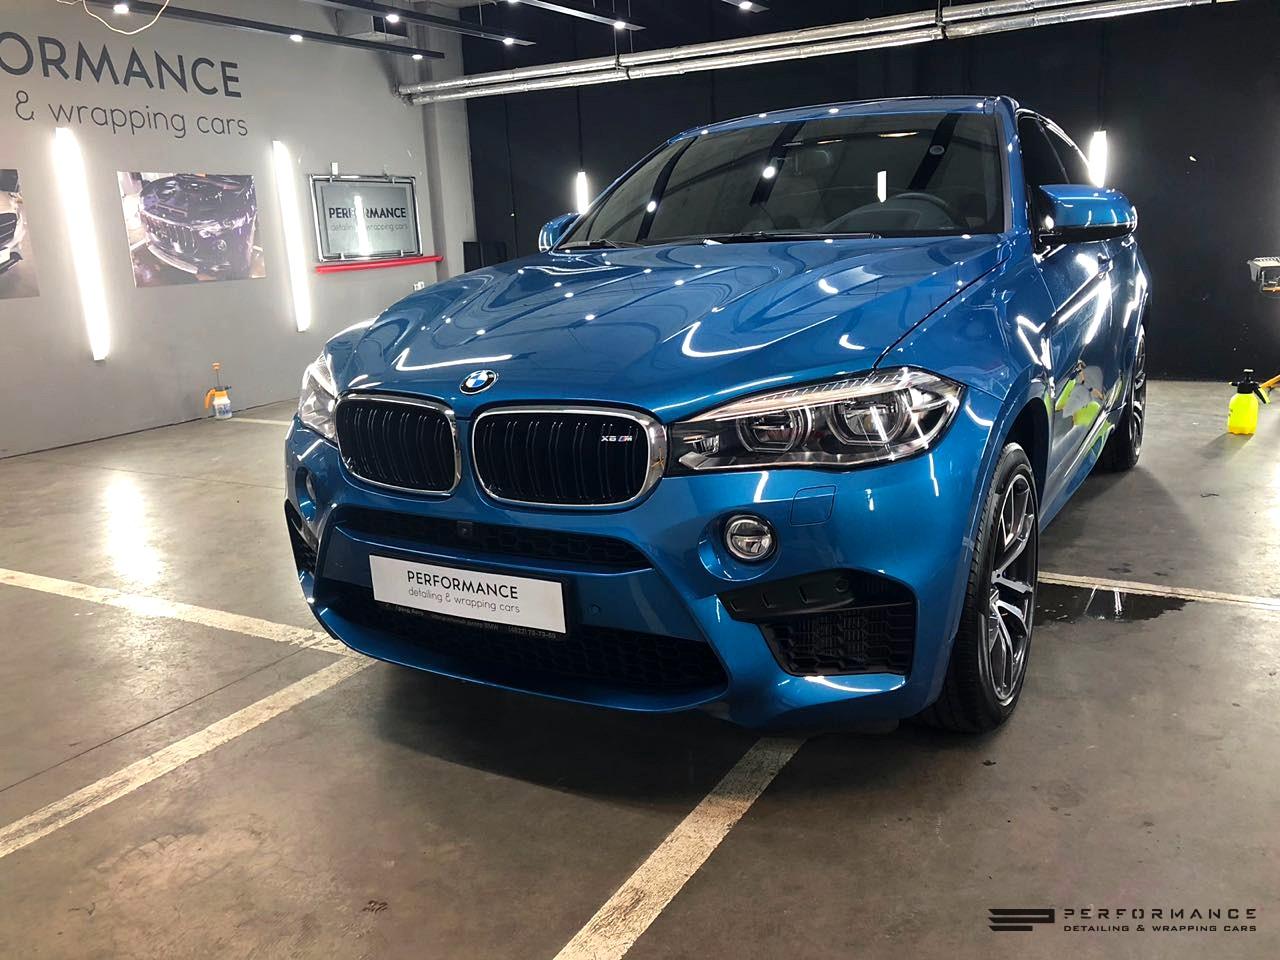 Защита кузова BMW X6M пленкой Llumar PPF и тонировка стекол пленкой Llumar ATR